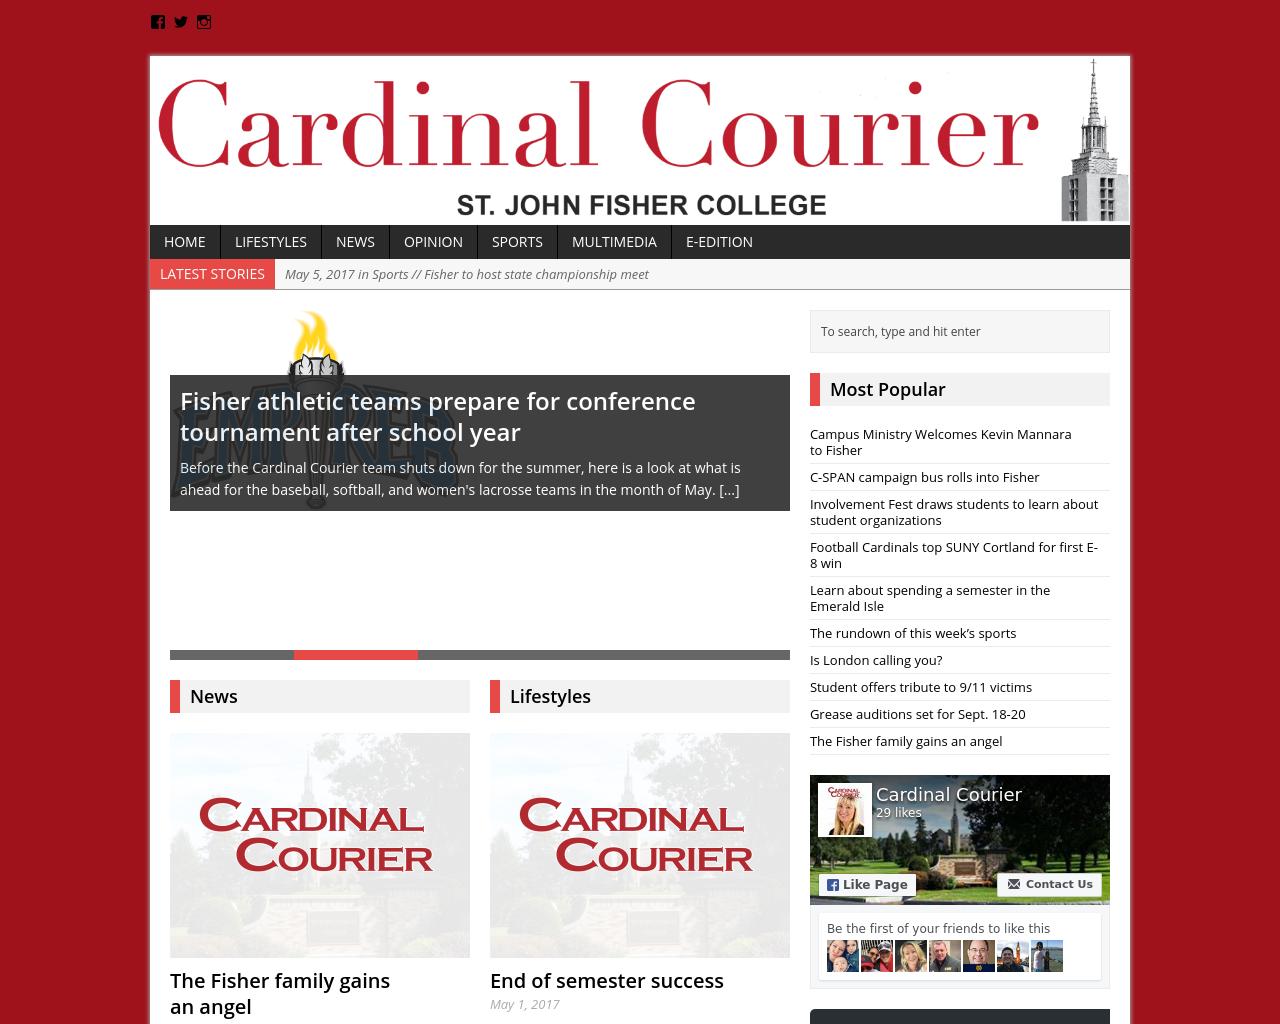 Cardinalcourieronline-Advertising-Reviews-Pricing